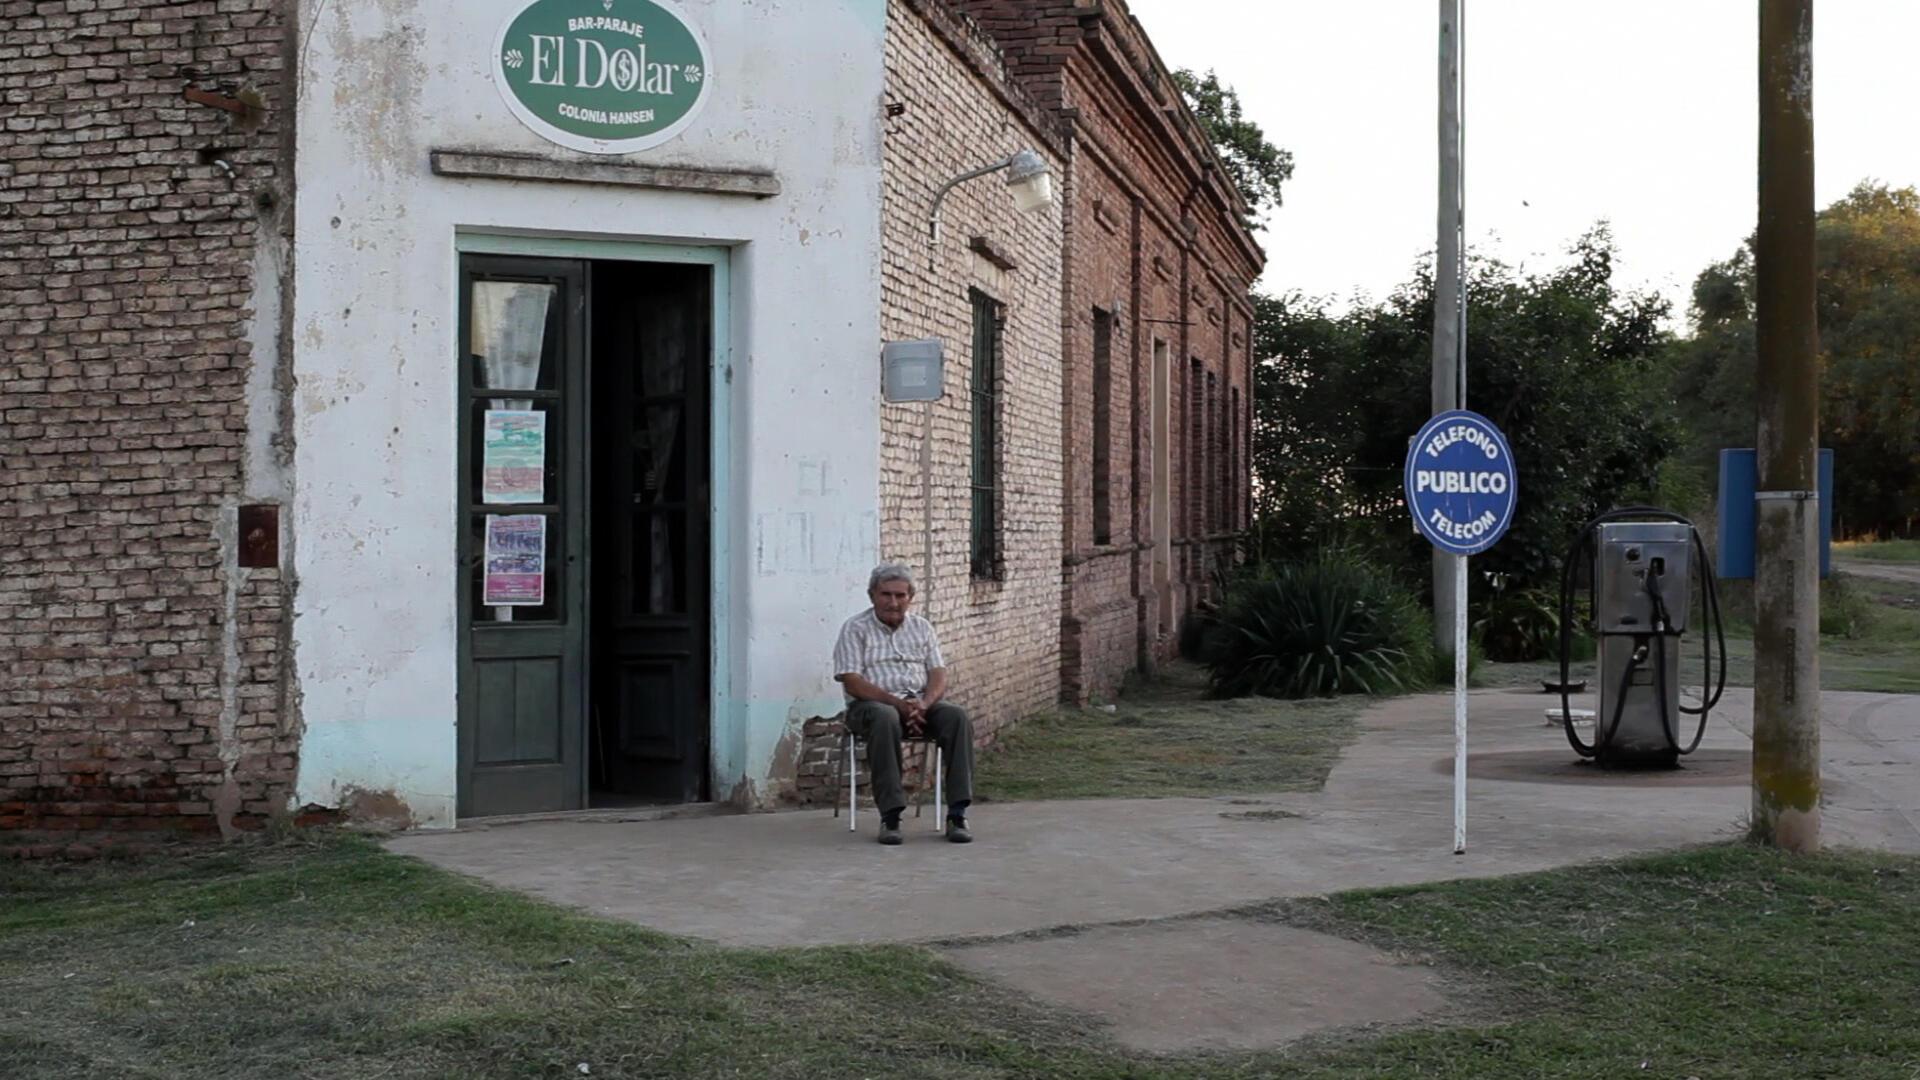 Emir, patron du bar El Dolar, attend le client à Colonia Hansen, désertée par ses habitants.